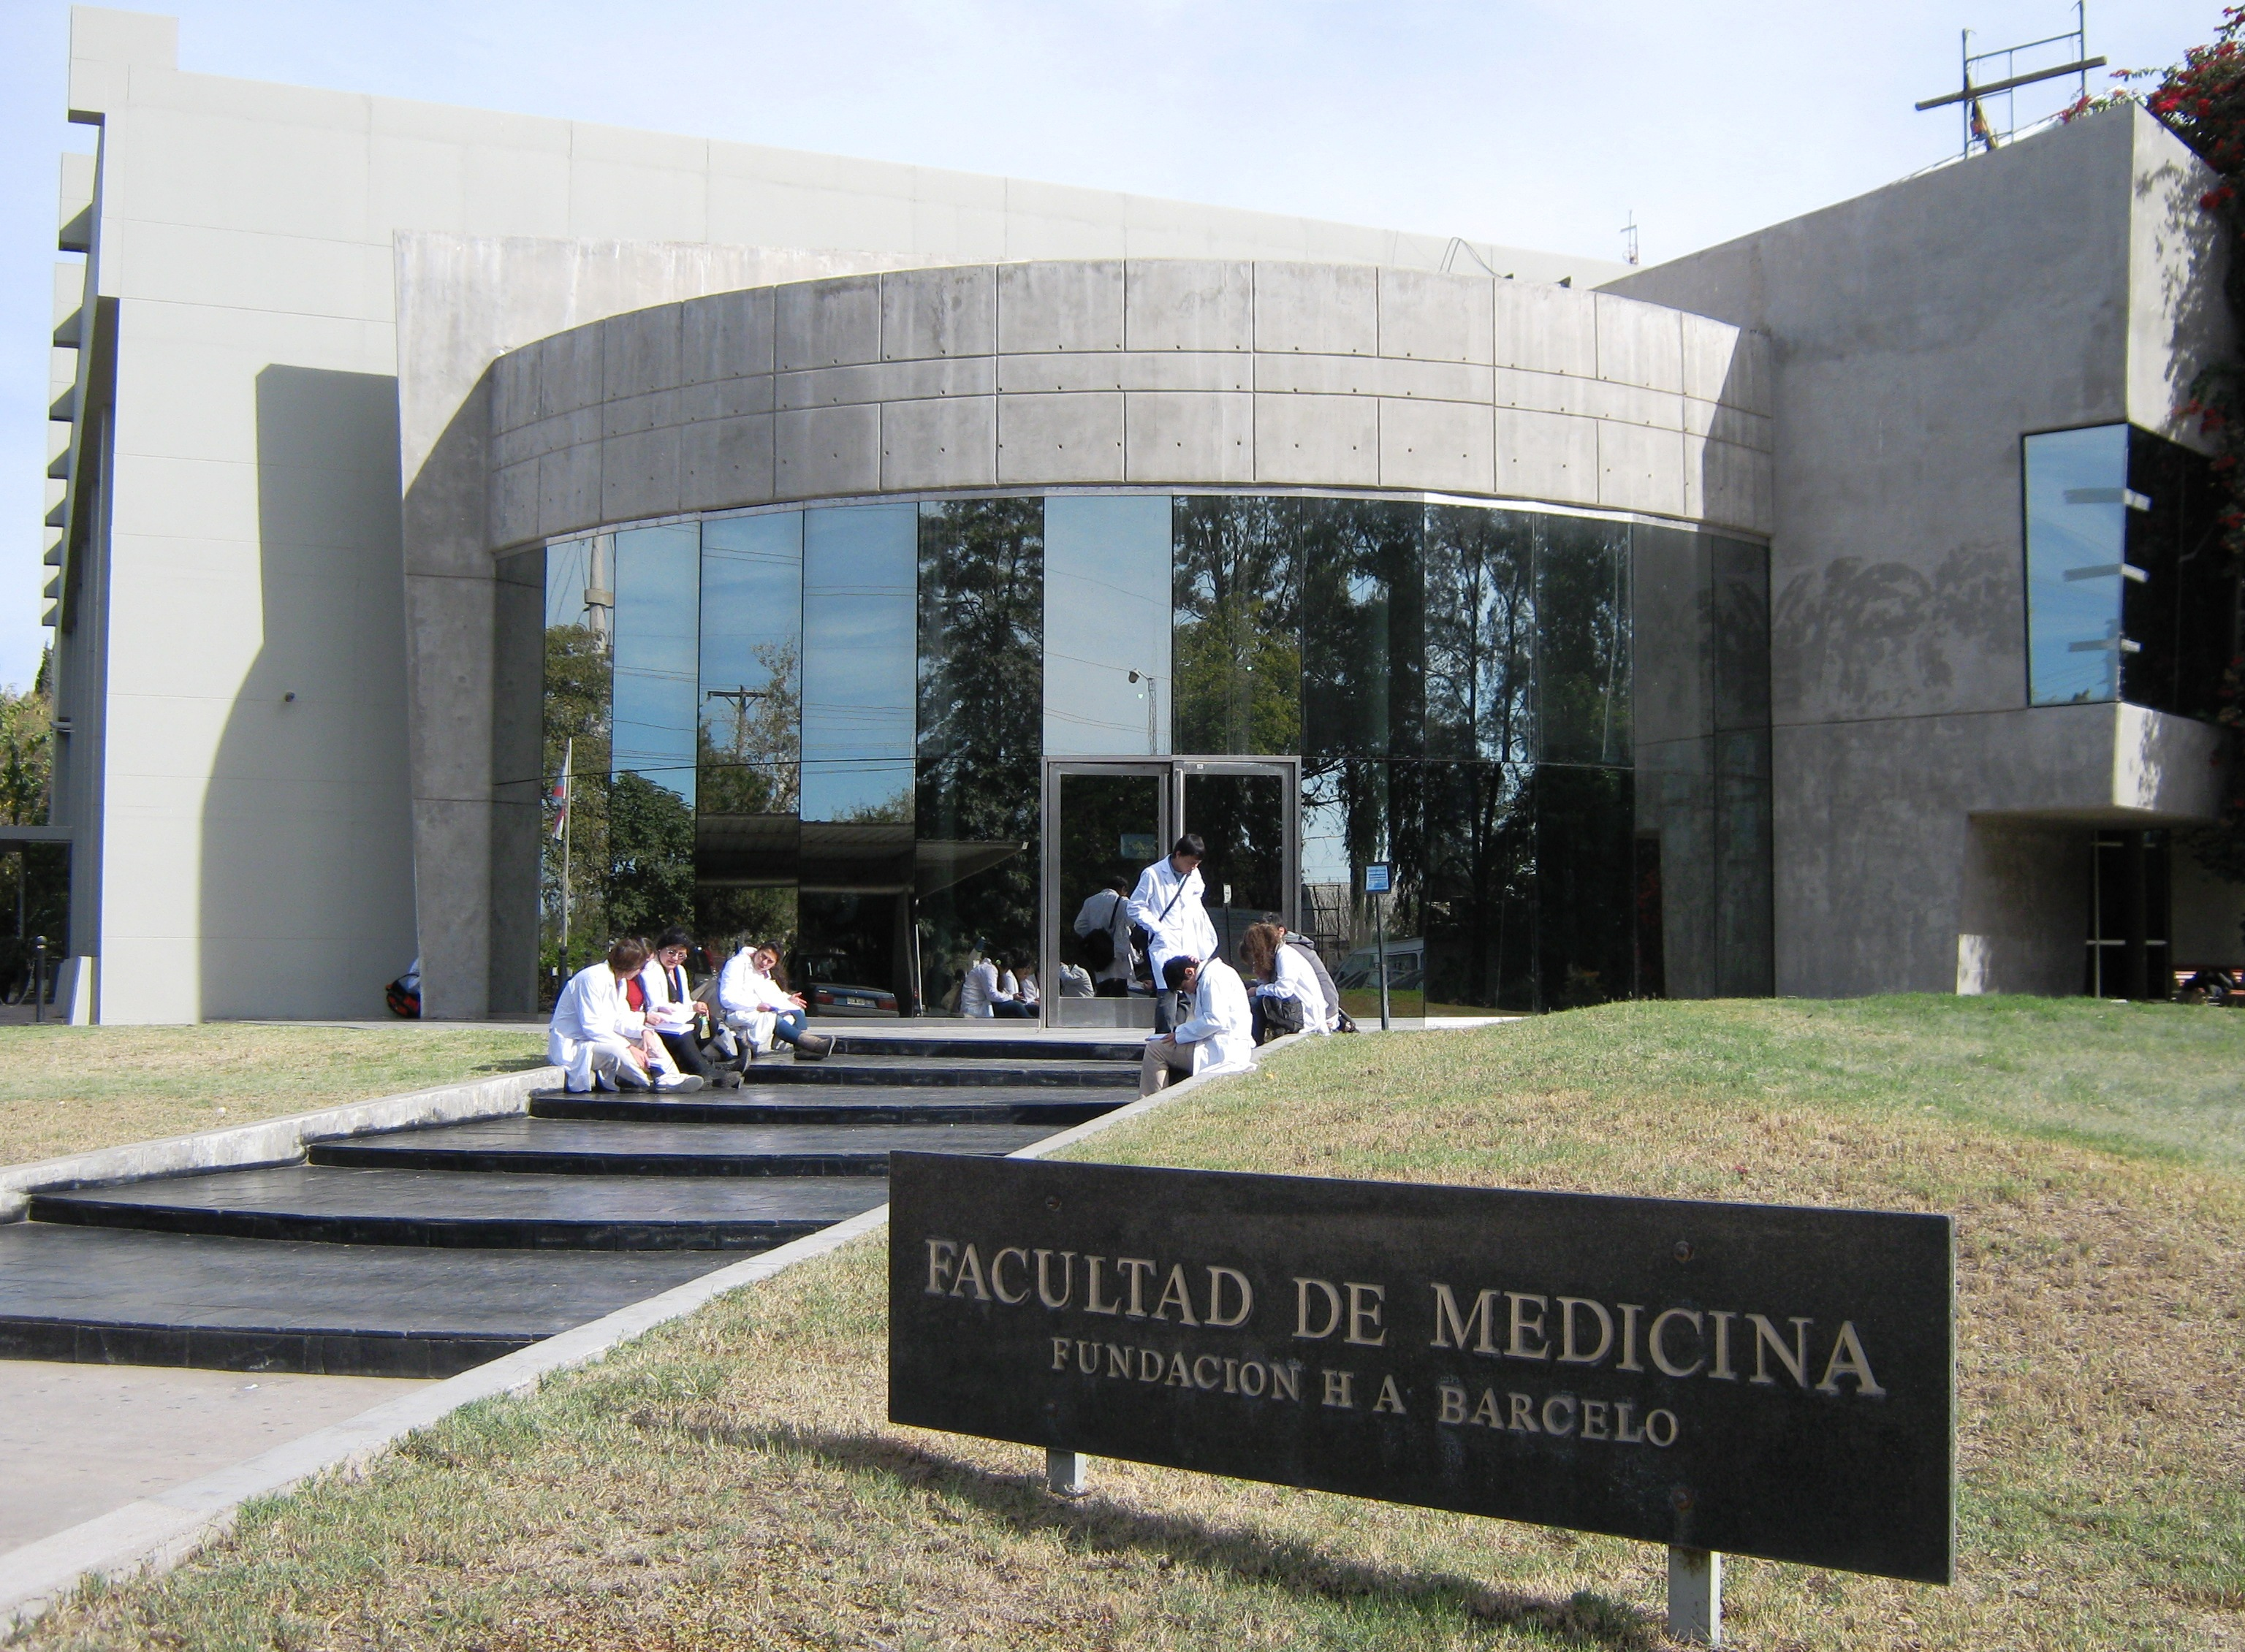 Instituto Universitario de Ciencias de la Salud Fundación H. A. Barceló